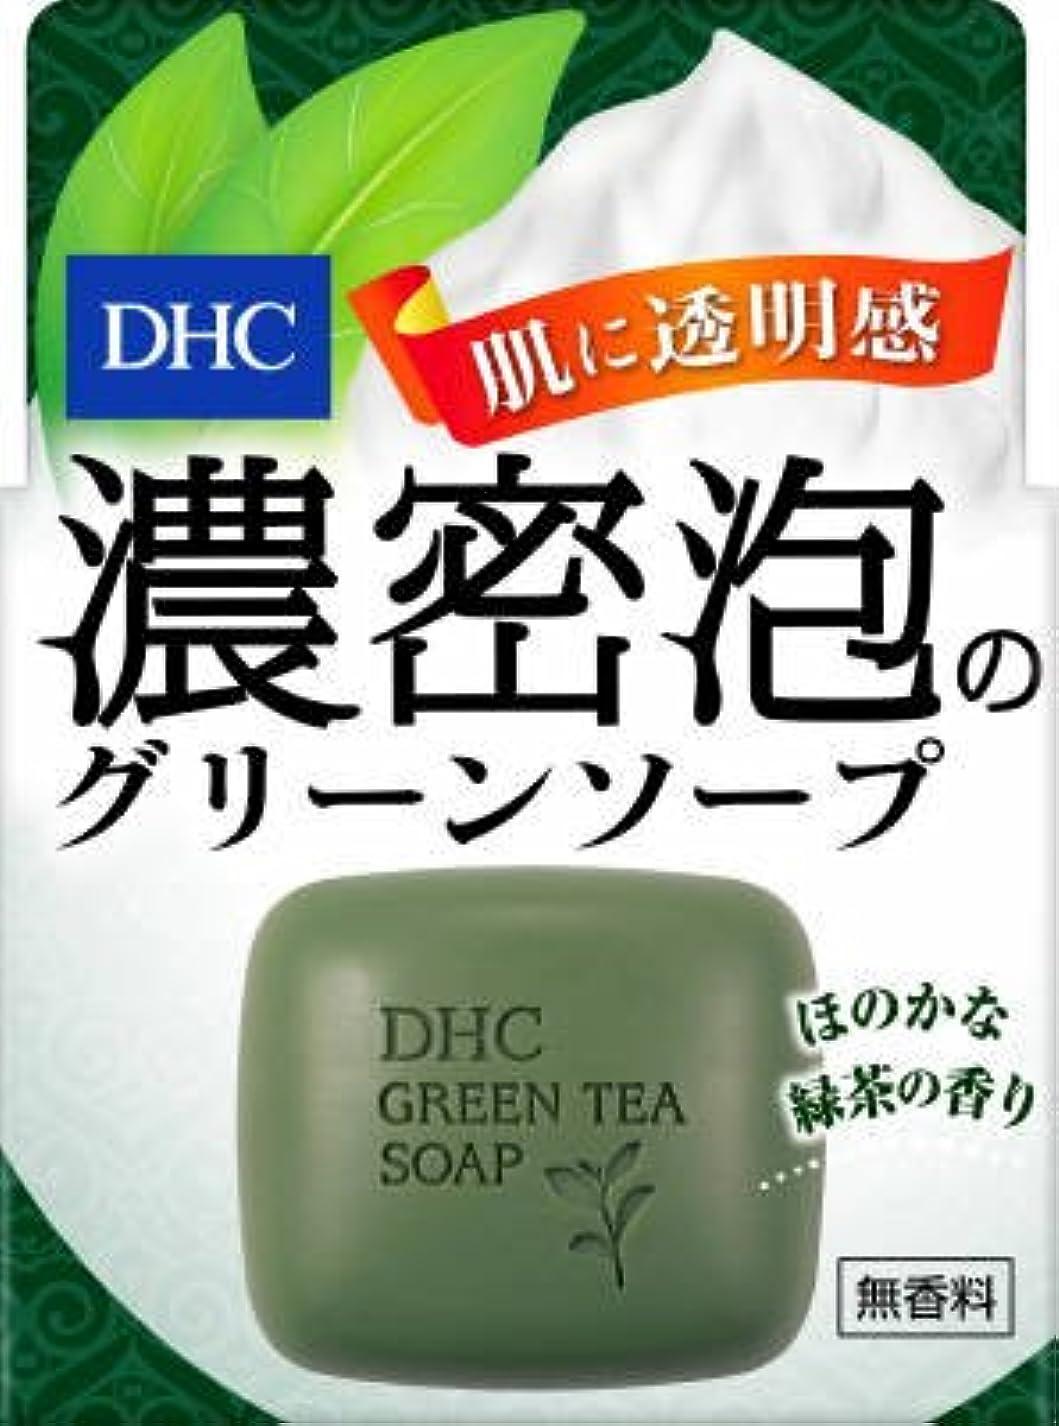 ポンド若い封建DHCグリーンソープ(SS)60g 国産茶葉使用の洗顔石鹸 緑茶石けん(DHC人気79位)×30点セット (4511413306826)